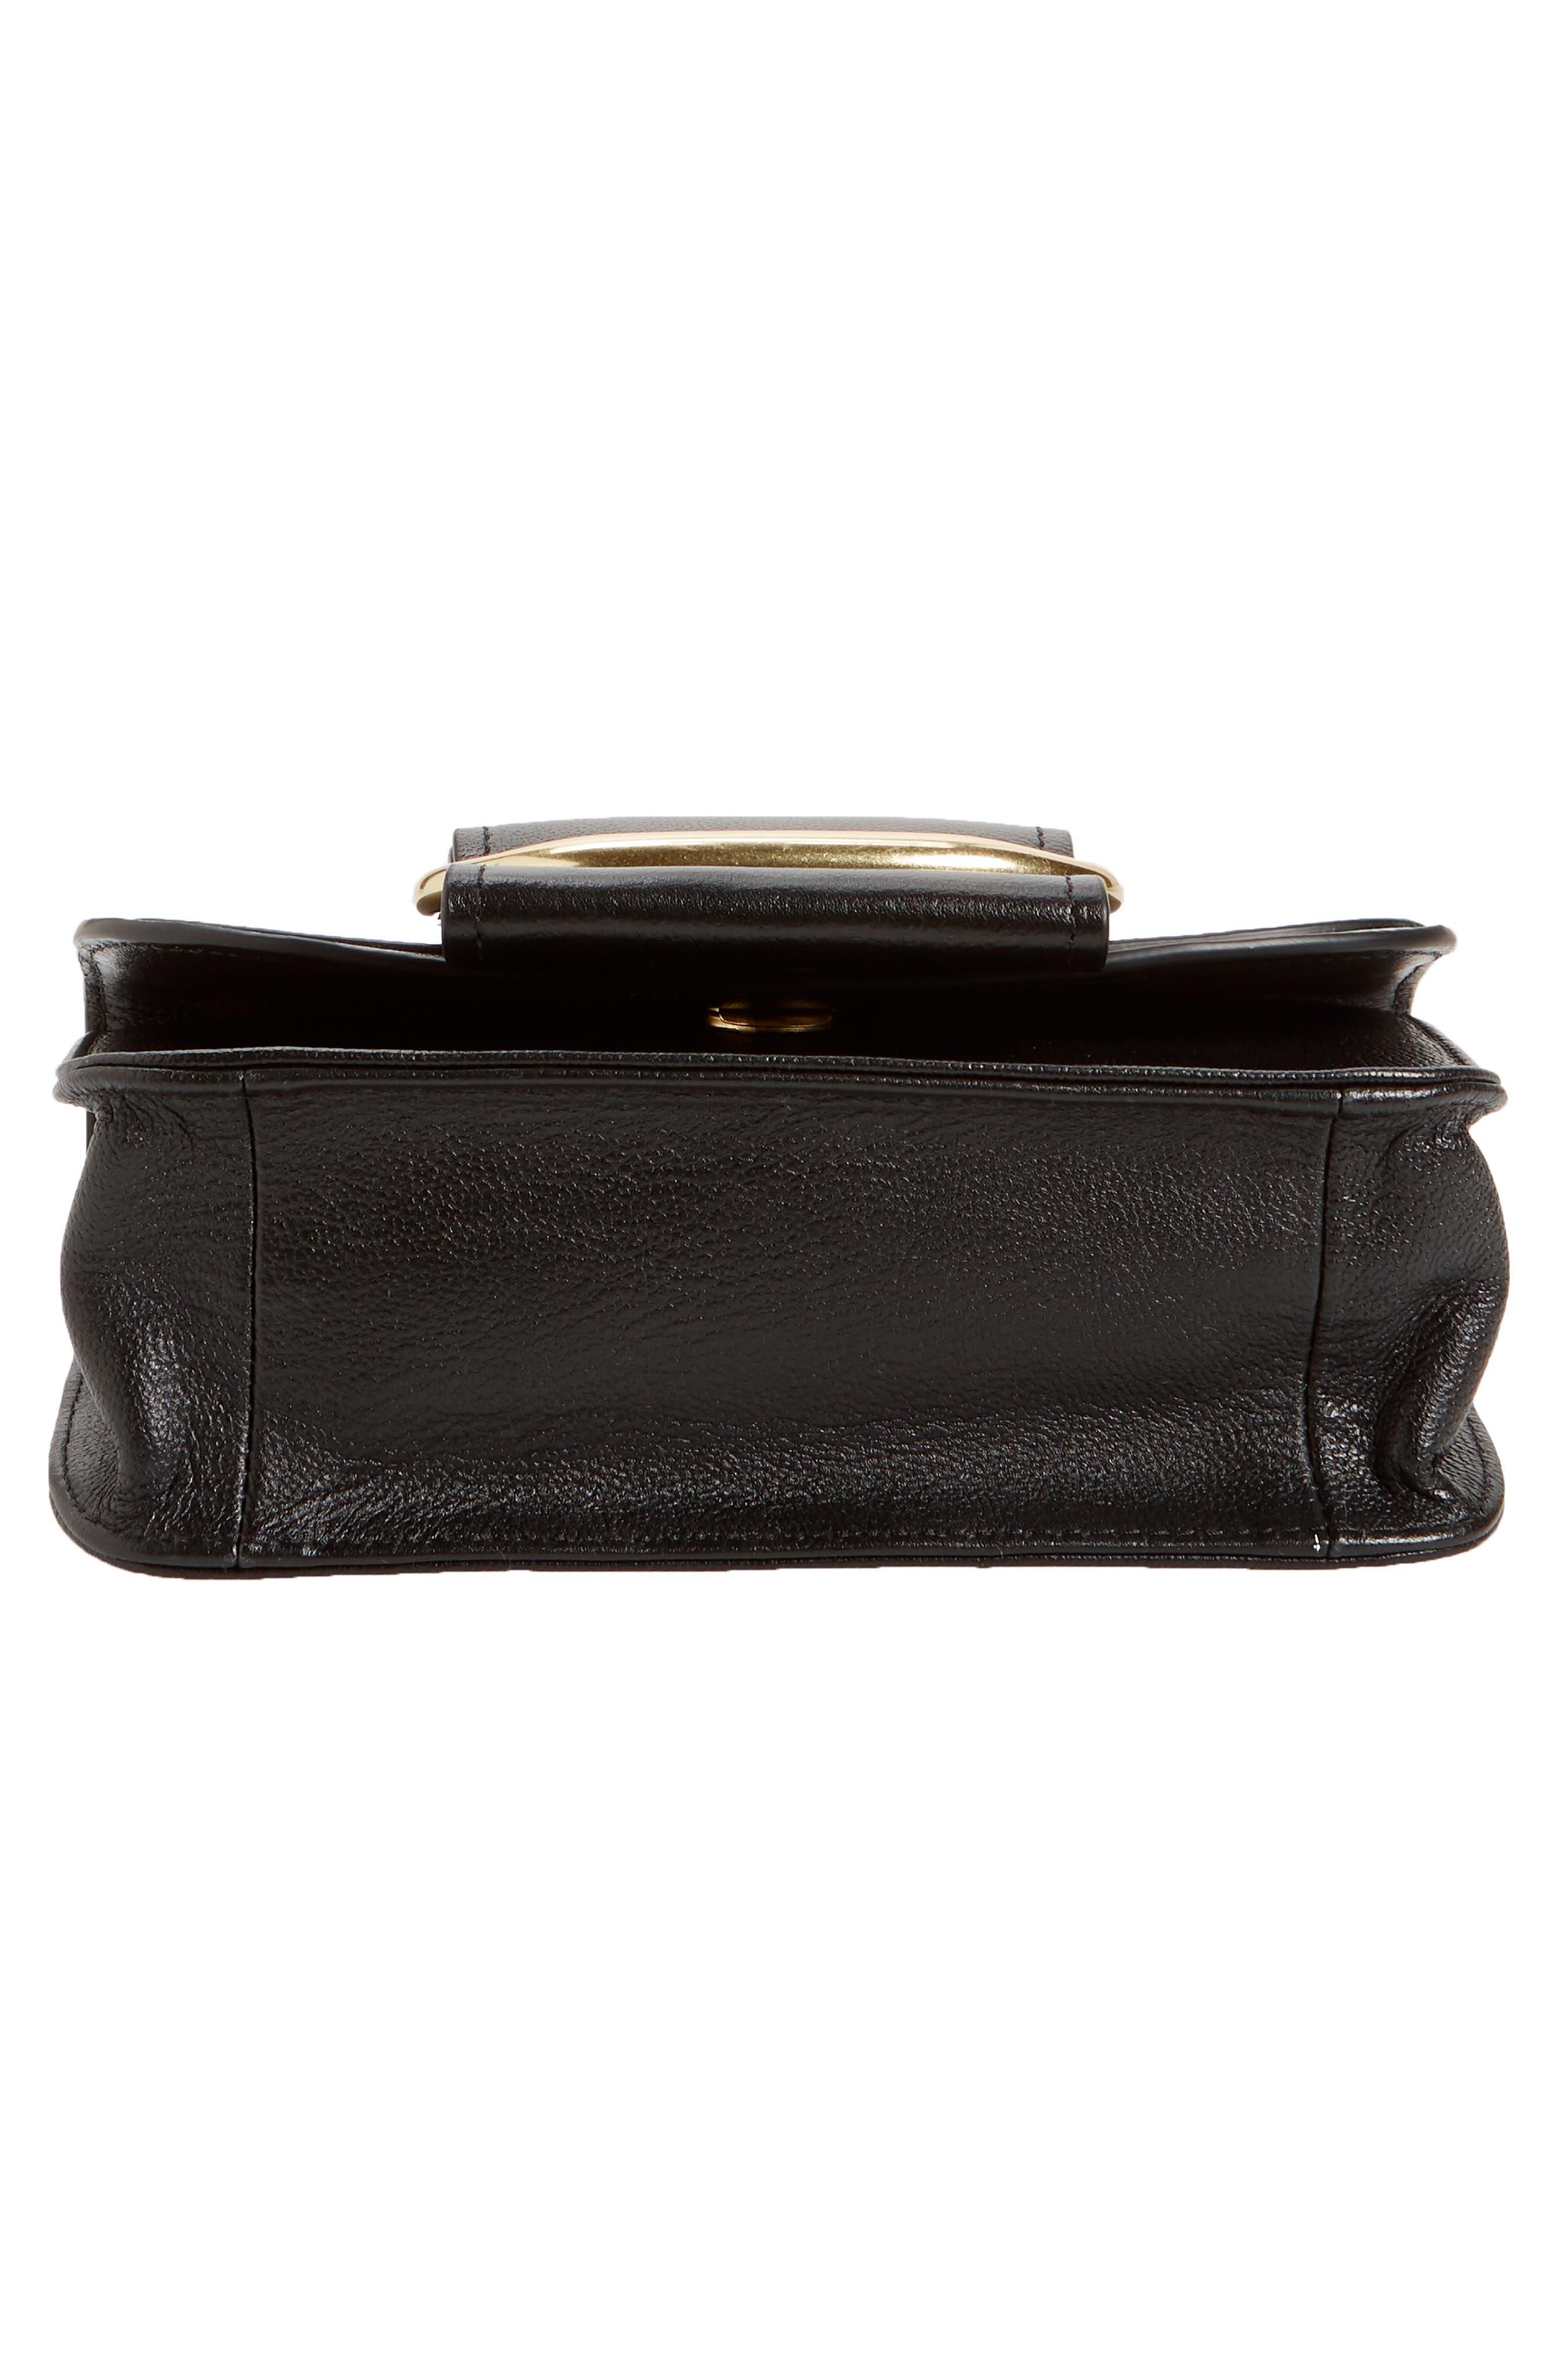 Hopper Leather Shoulder Bag,                             Alternate thumbnail 6, color,                             001